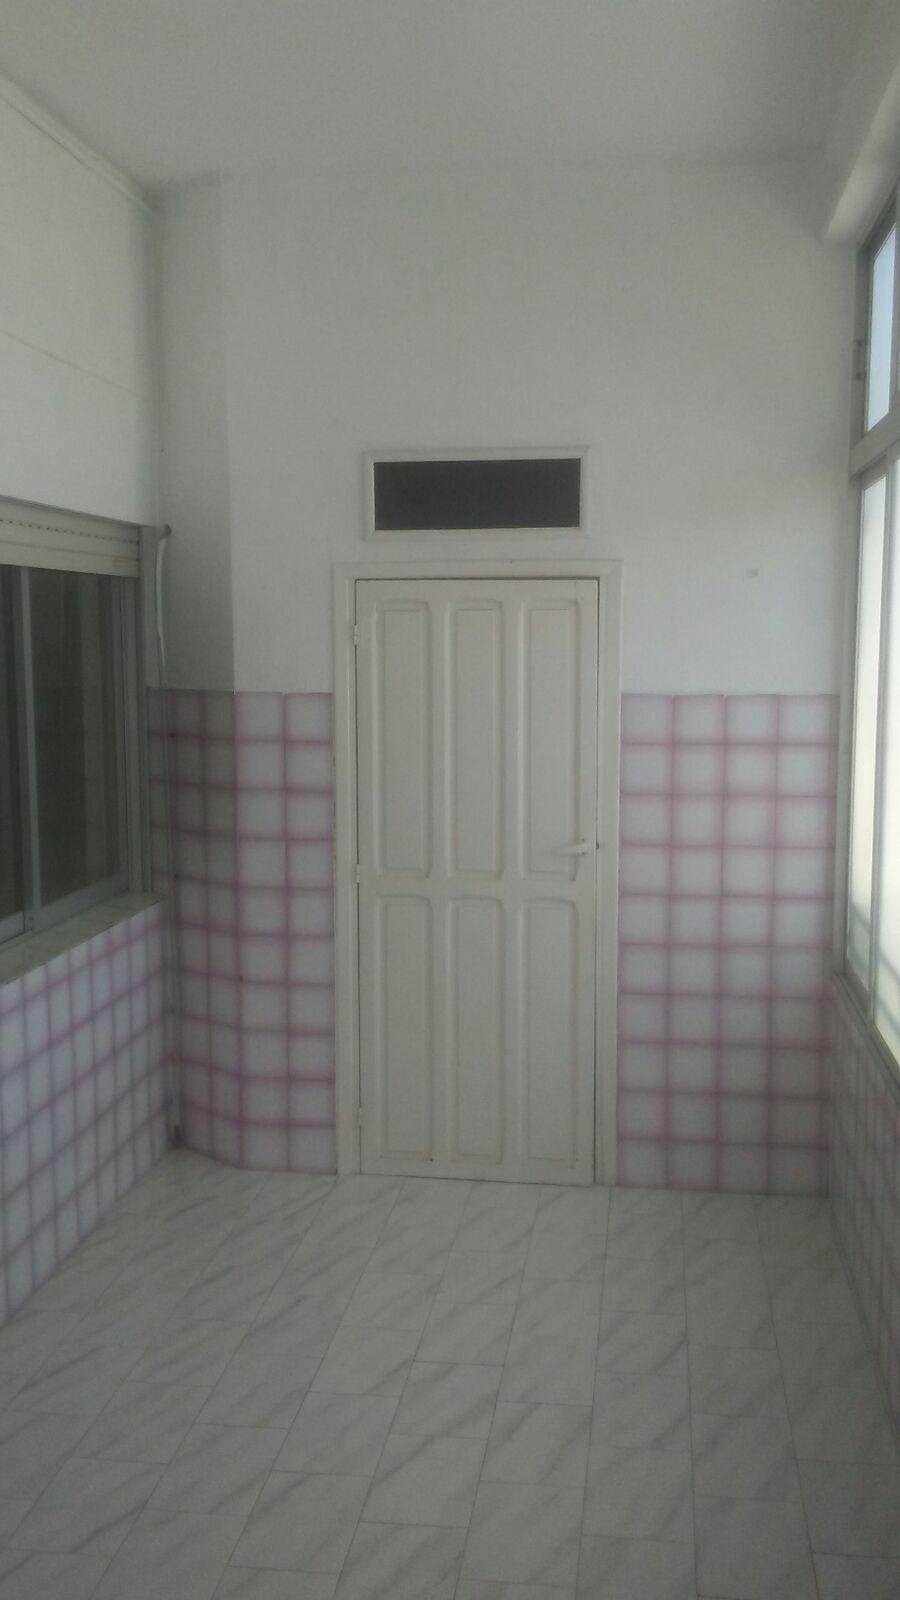 Piso en venta en Alcantarilla, Murcia, Calle Buenavista, 40.000 €, 3 habitaciones, 1 baño, 94 m2